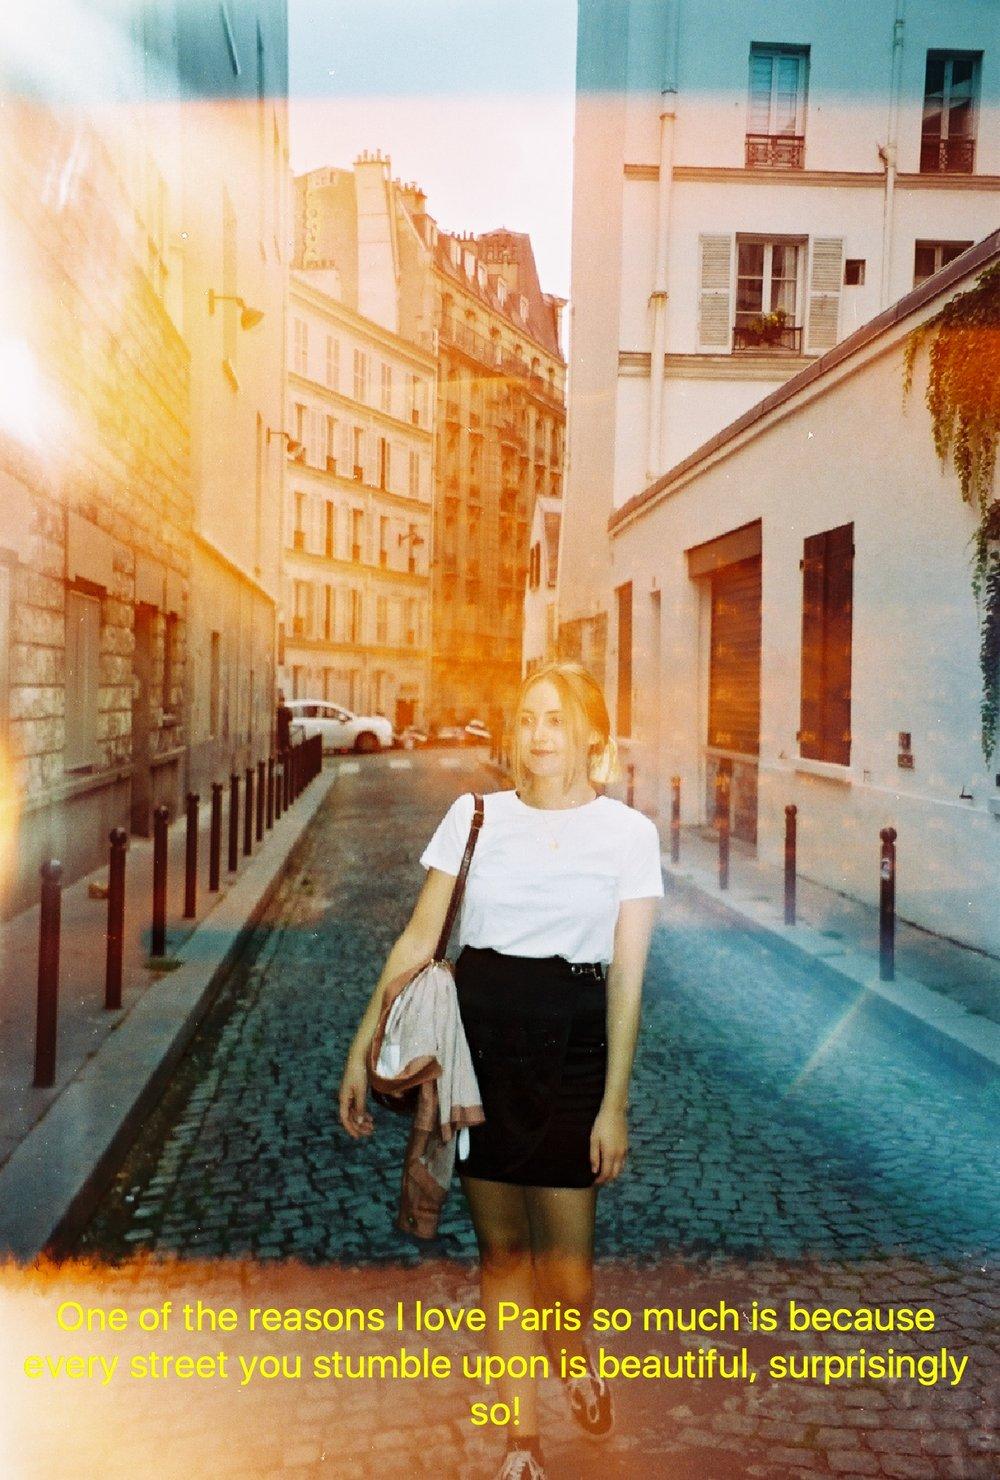 paris-on-35mm-film17_Fotor.jpg